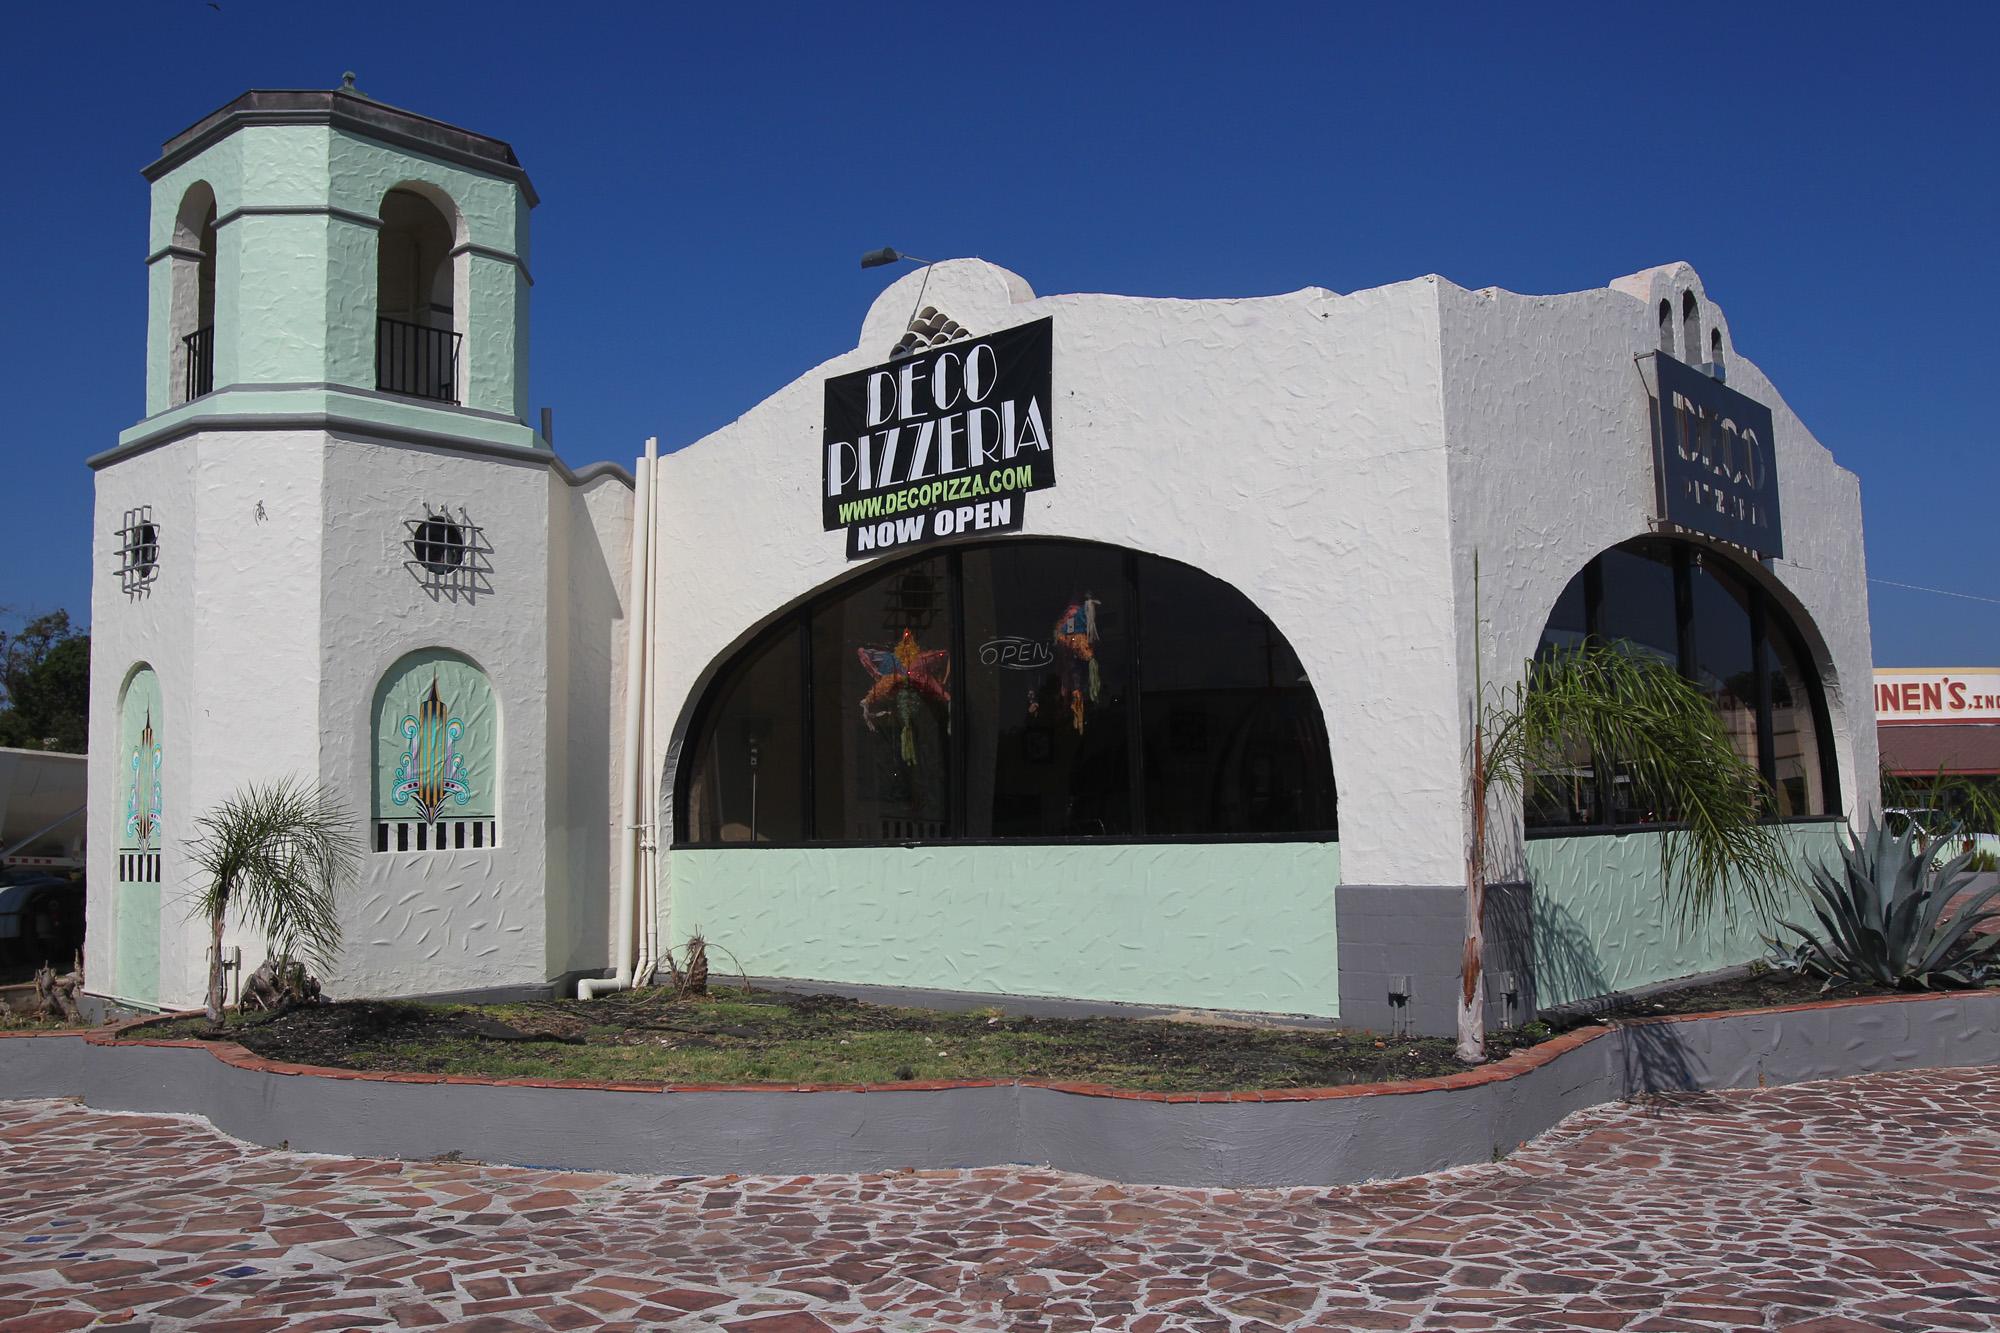 Cityscape Deco Pizzeria San Antonio Express News